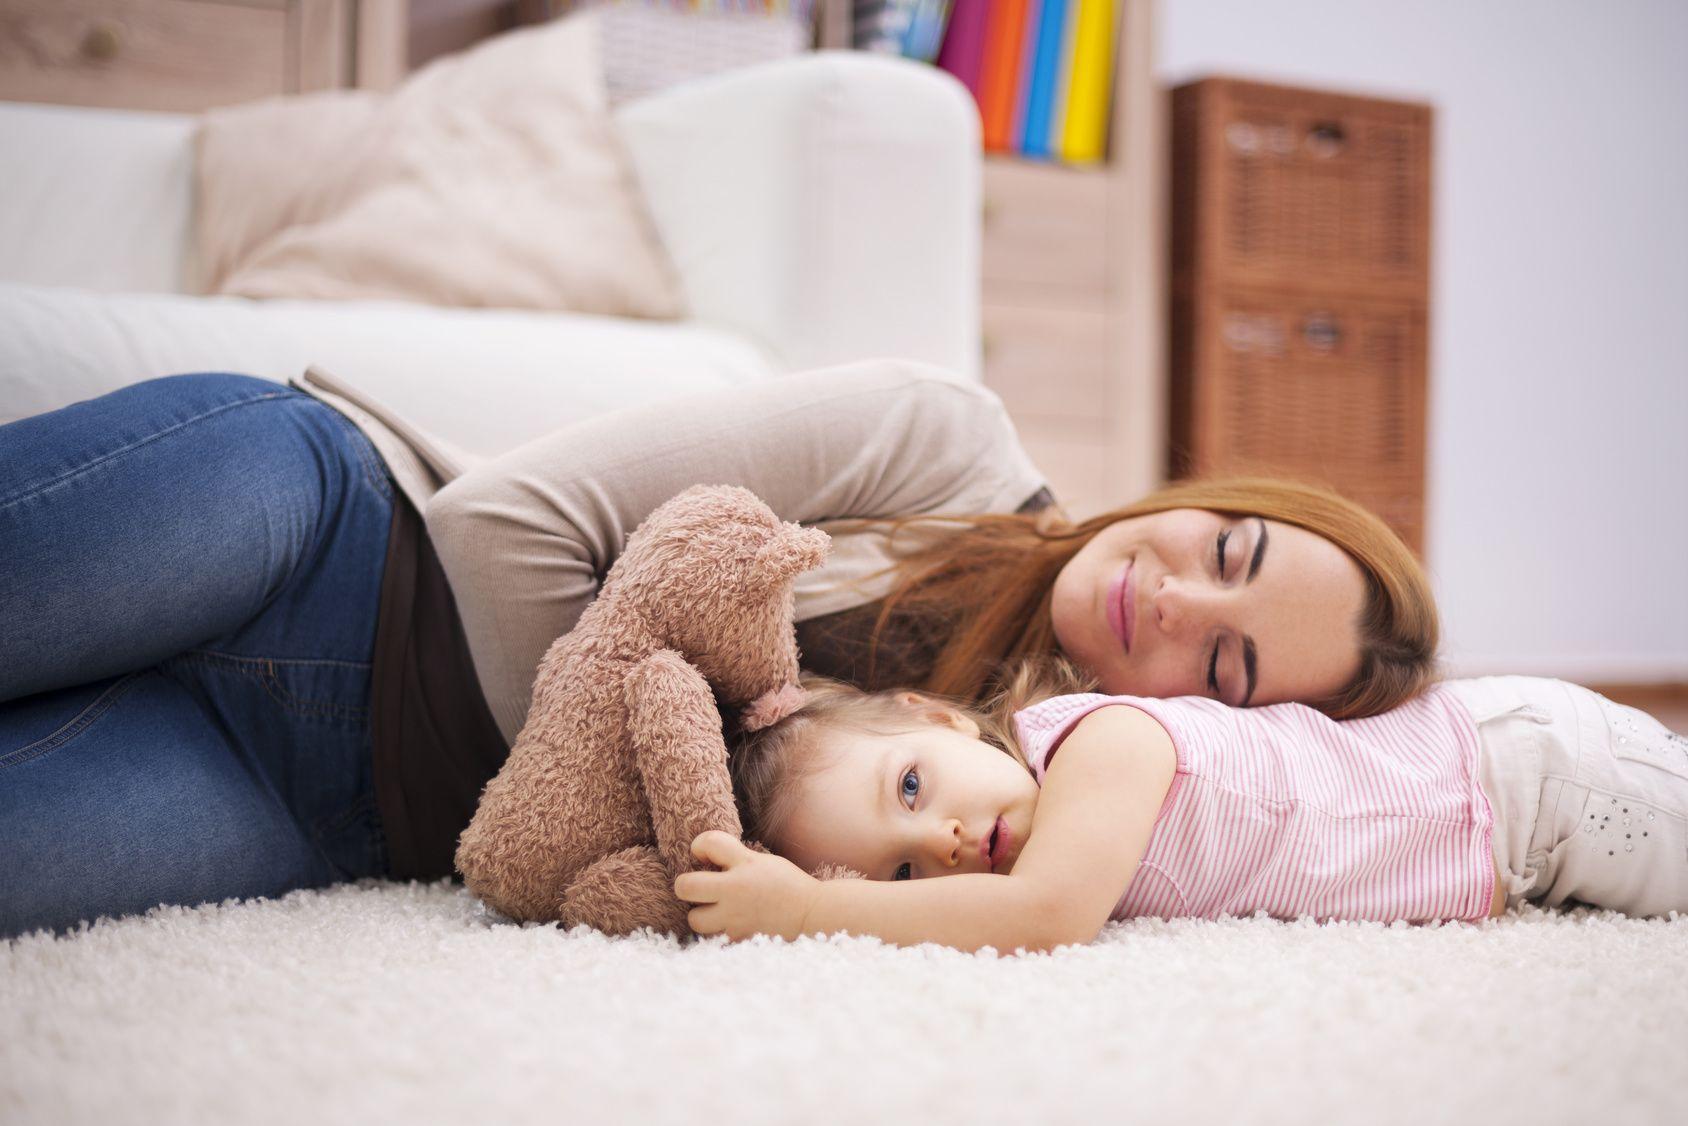 5 tapaa, miten lapsen saaminen on hieman samanlaista kuin humalassa oleminen